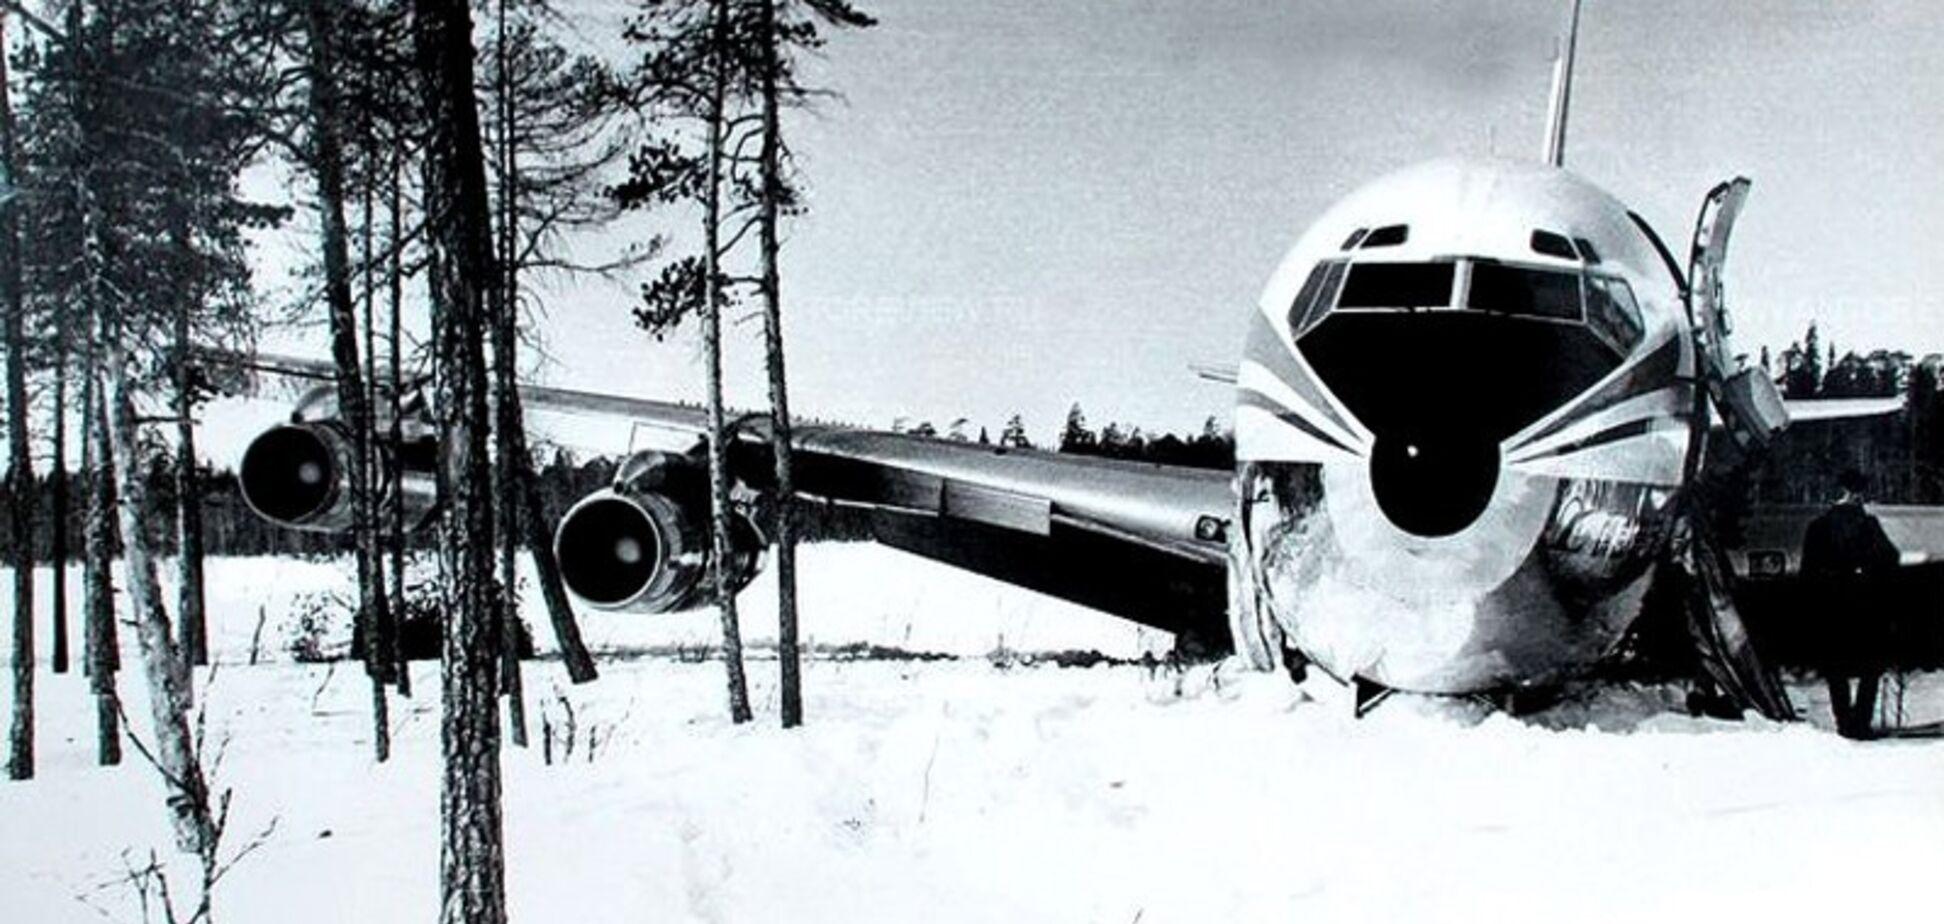 Как сбивали пассажирские самолеты: хронология